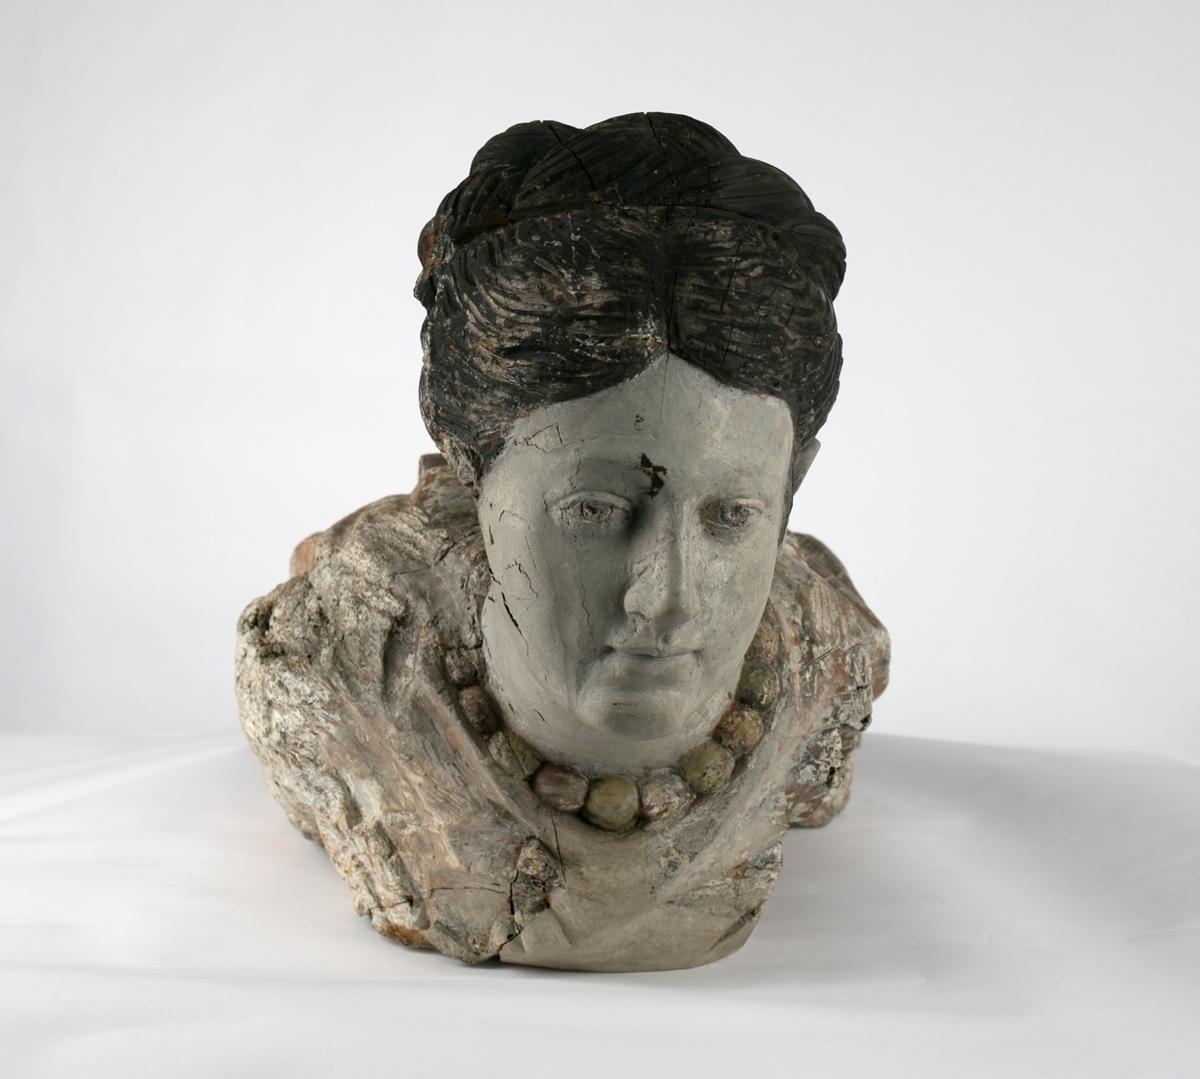 Gallionsfigur av kvinnehode, med mørkt hår og halssmykke. Kun hode og øvre del av brystparti.